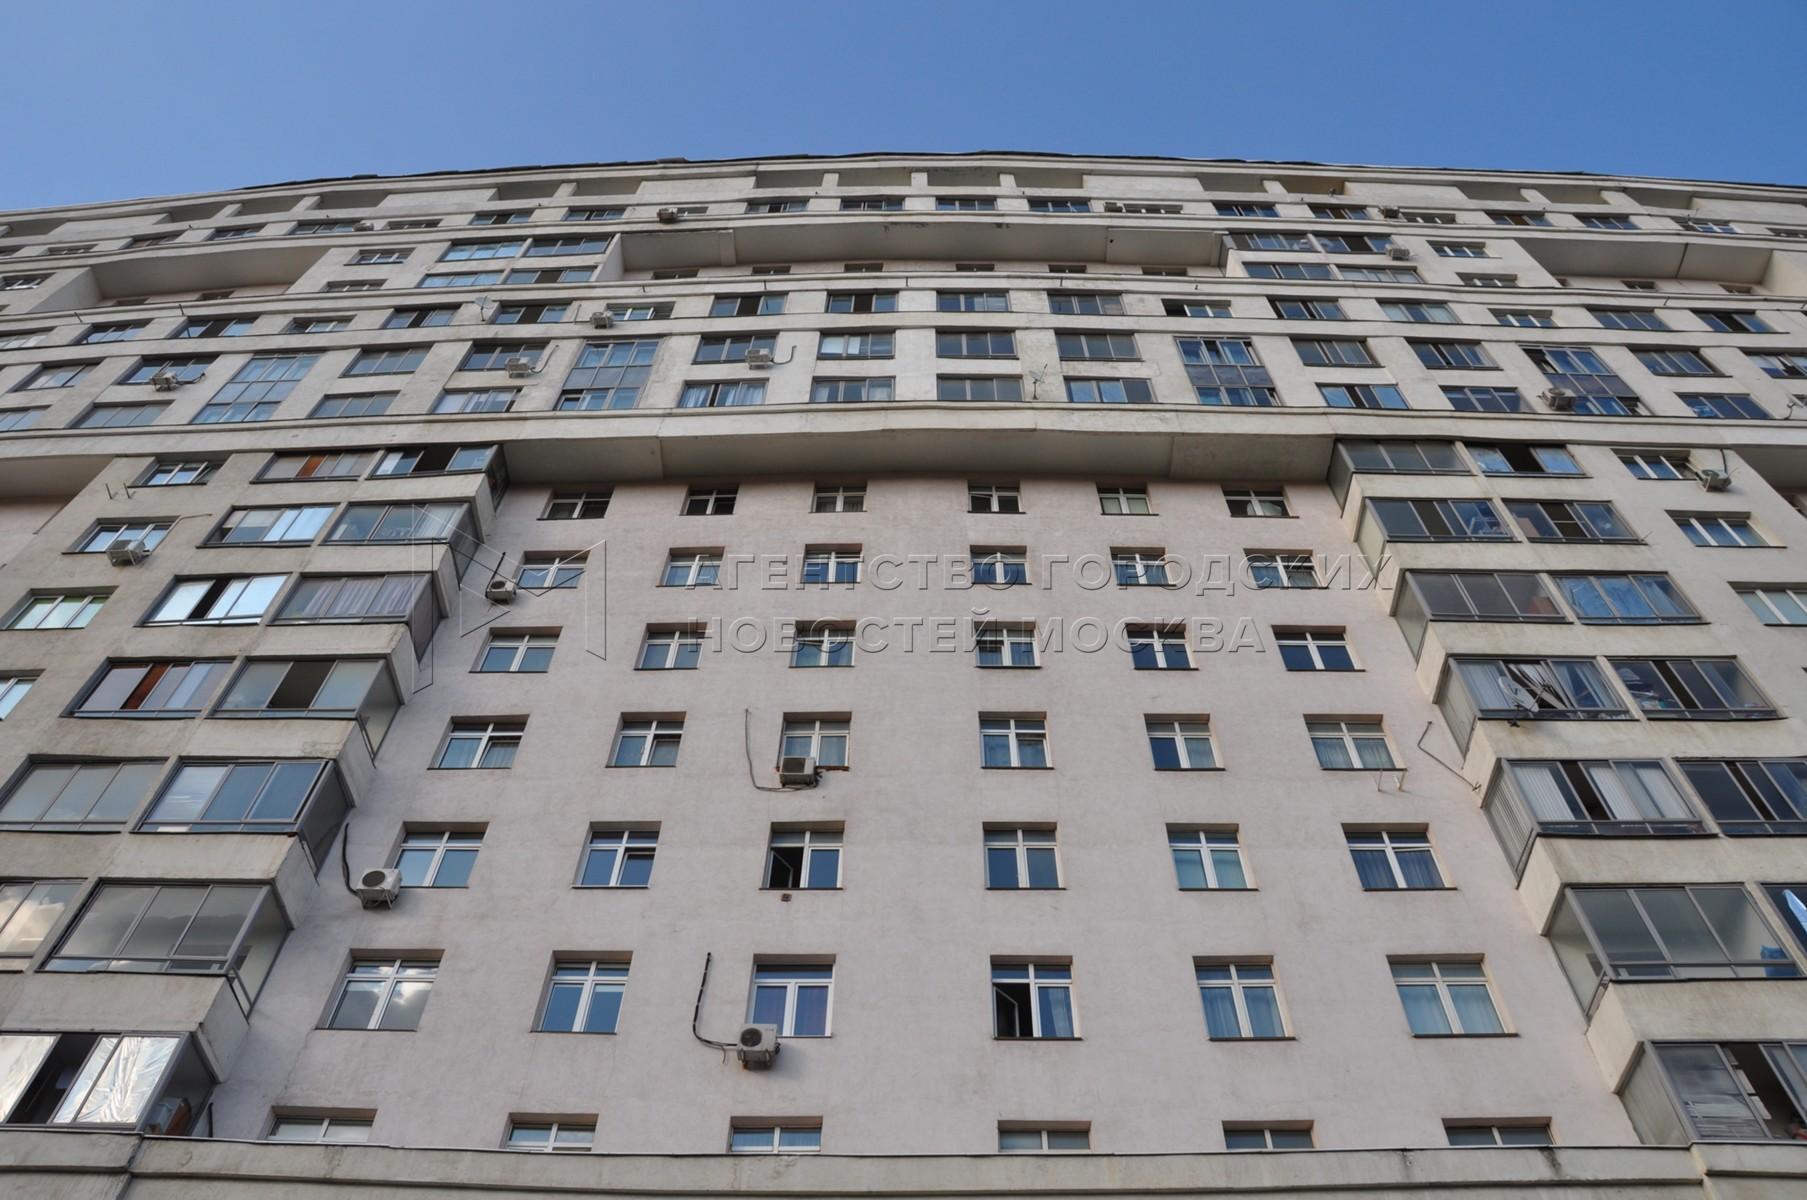 Жилой дом длиной более 750 м на ул. Гризодубовой, входящий в архитектурный ансамбль «Грандъ-Парк» на Ходынском поле.